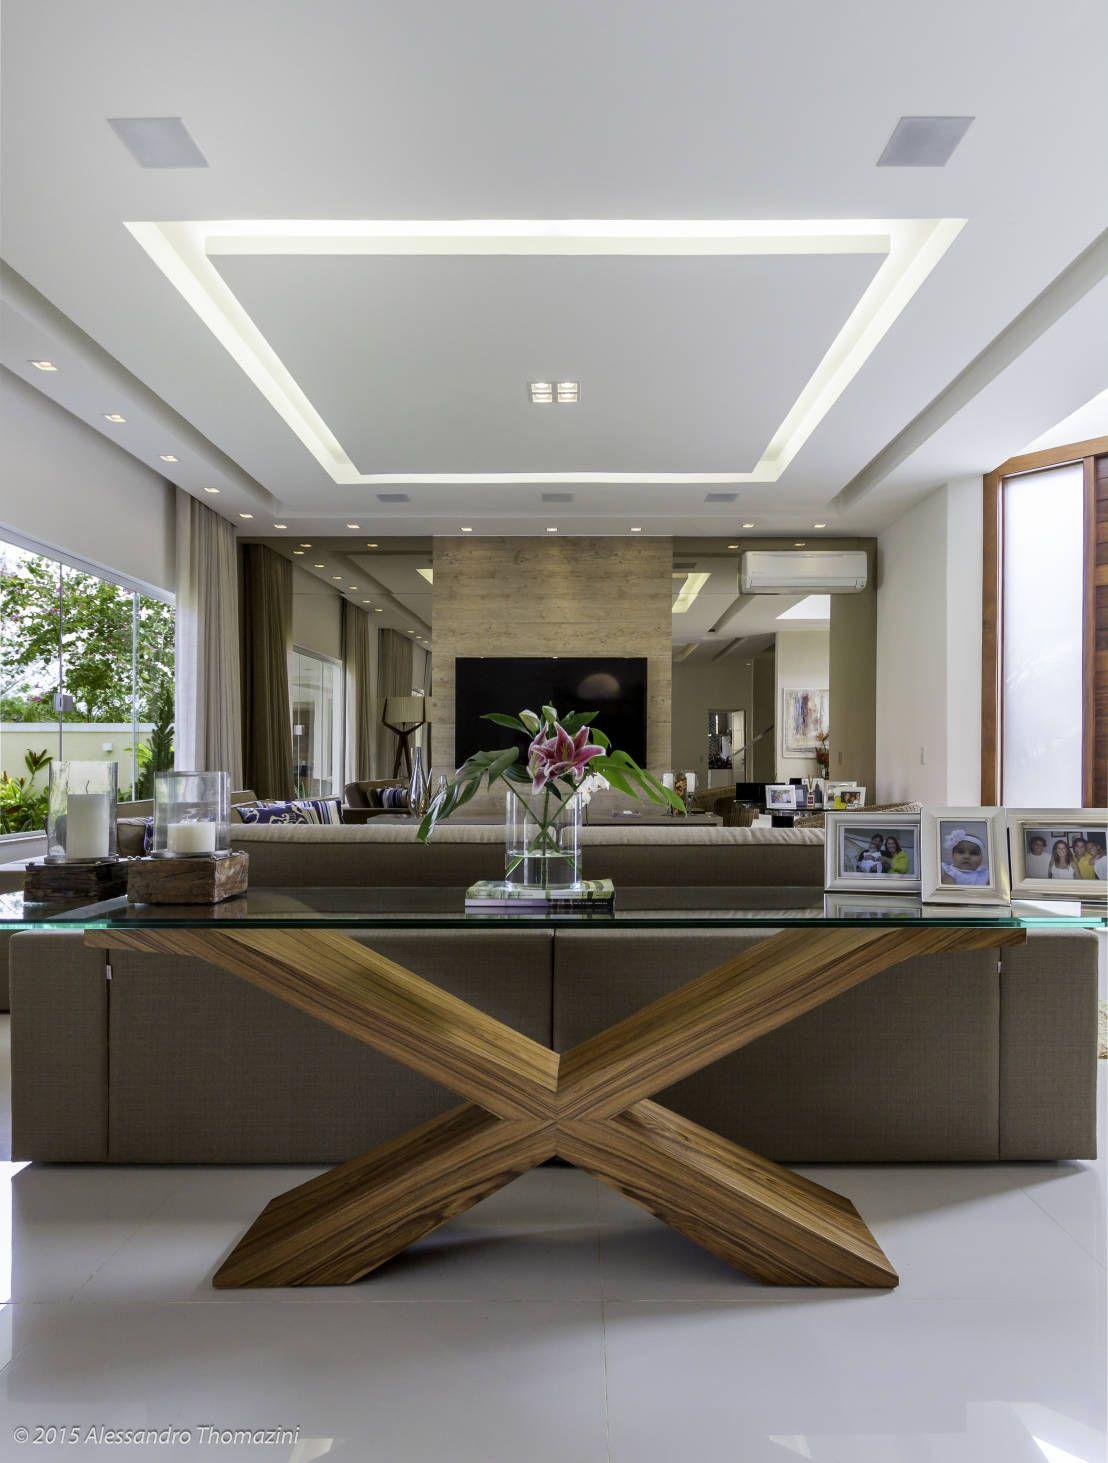 Espelho Bronze Sof Escuro Aparador Madeira Lak S Bels Home  -> Sala De Jantar Com Painel De Madeira E Espelho